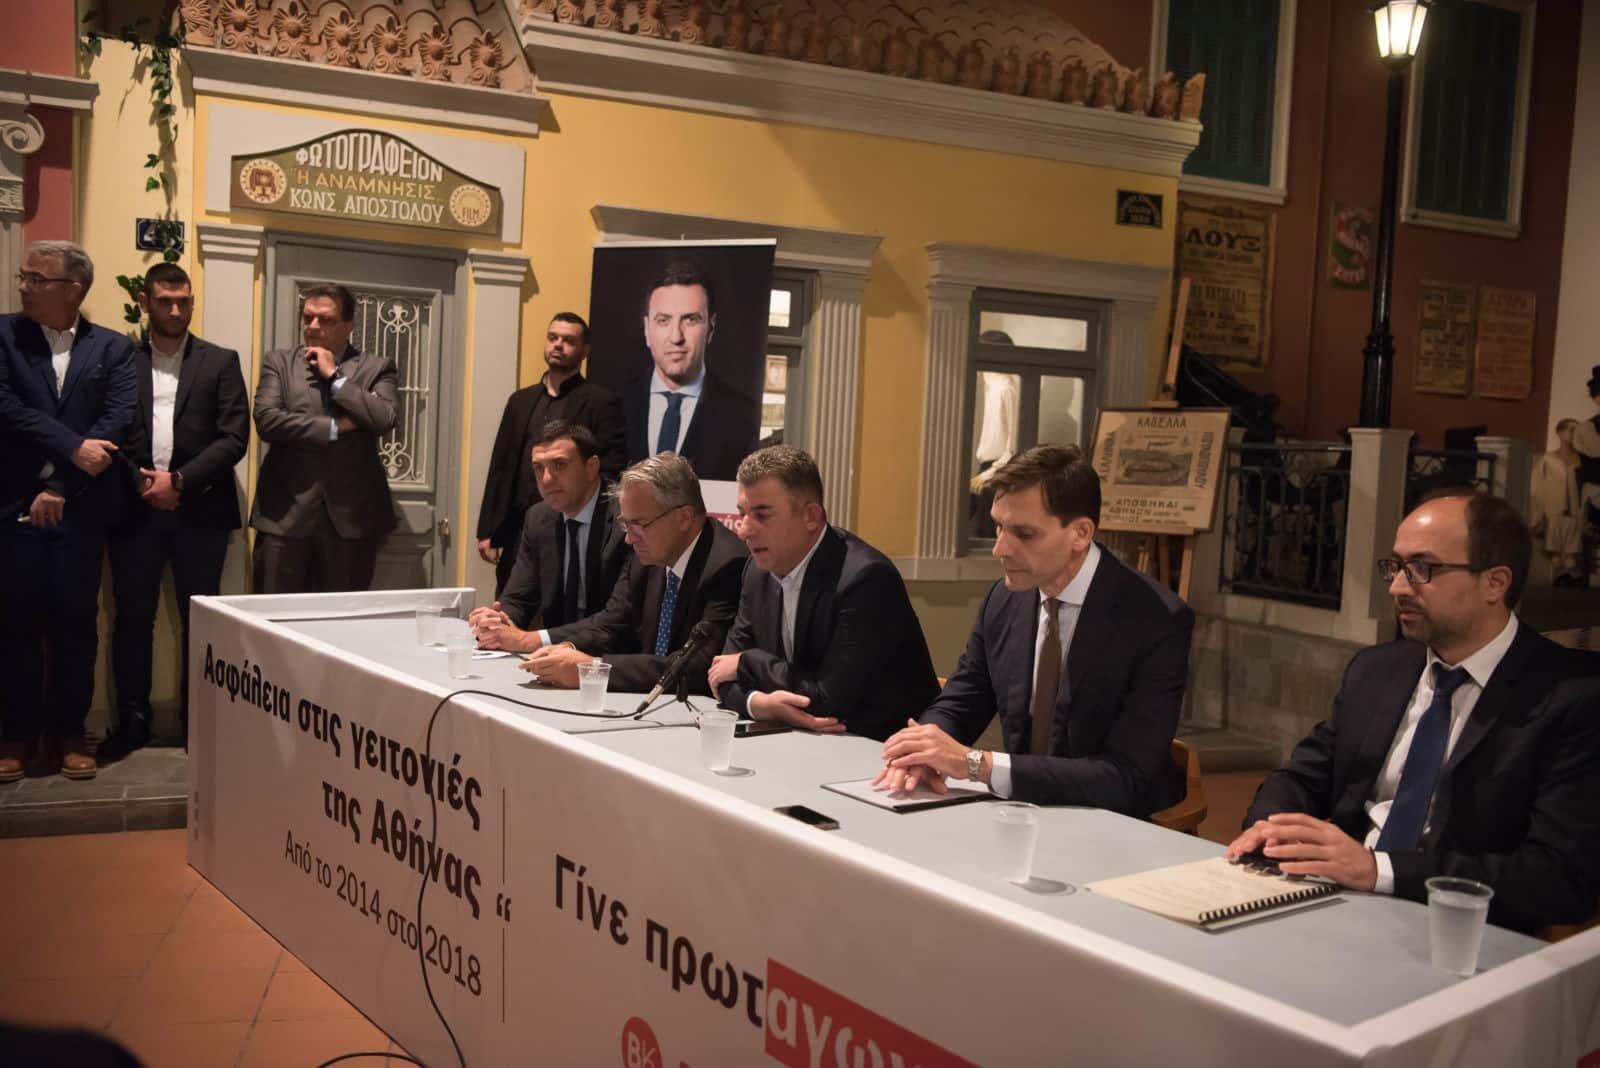 Η ΝΔ θα επαναφέρει την ασφάλεια στις γειτονιές της Αθήνας, δήλωσε ο τομεάρχης άμυνας της ΝΔ Βασίλης Κικίλιας